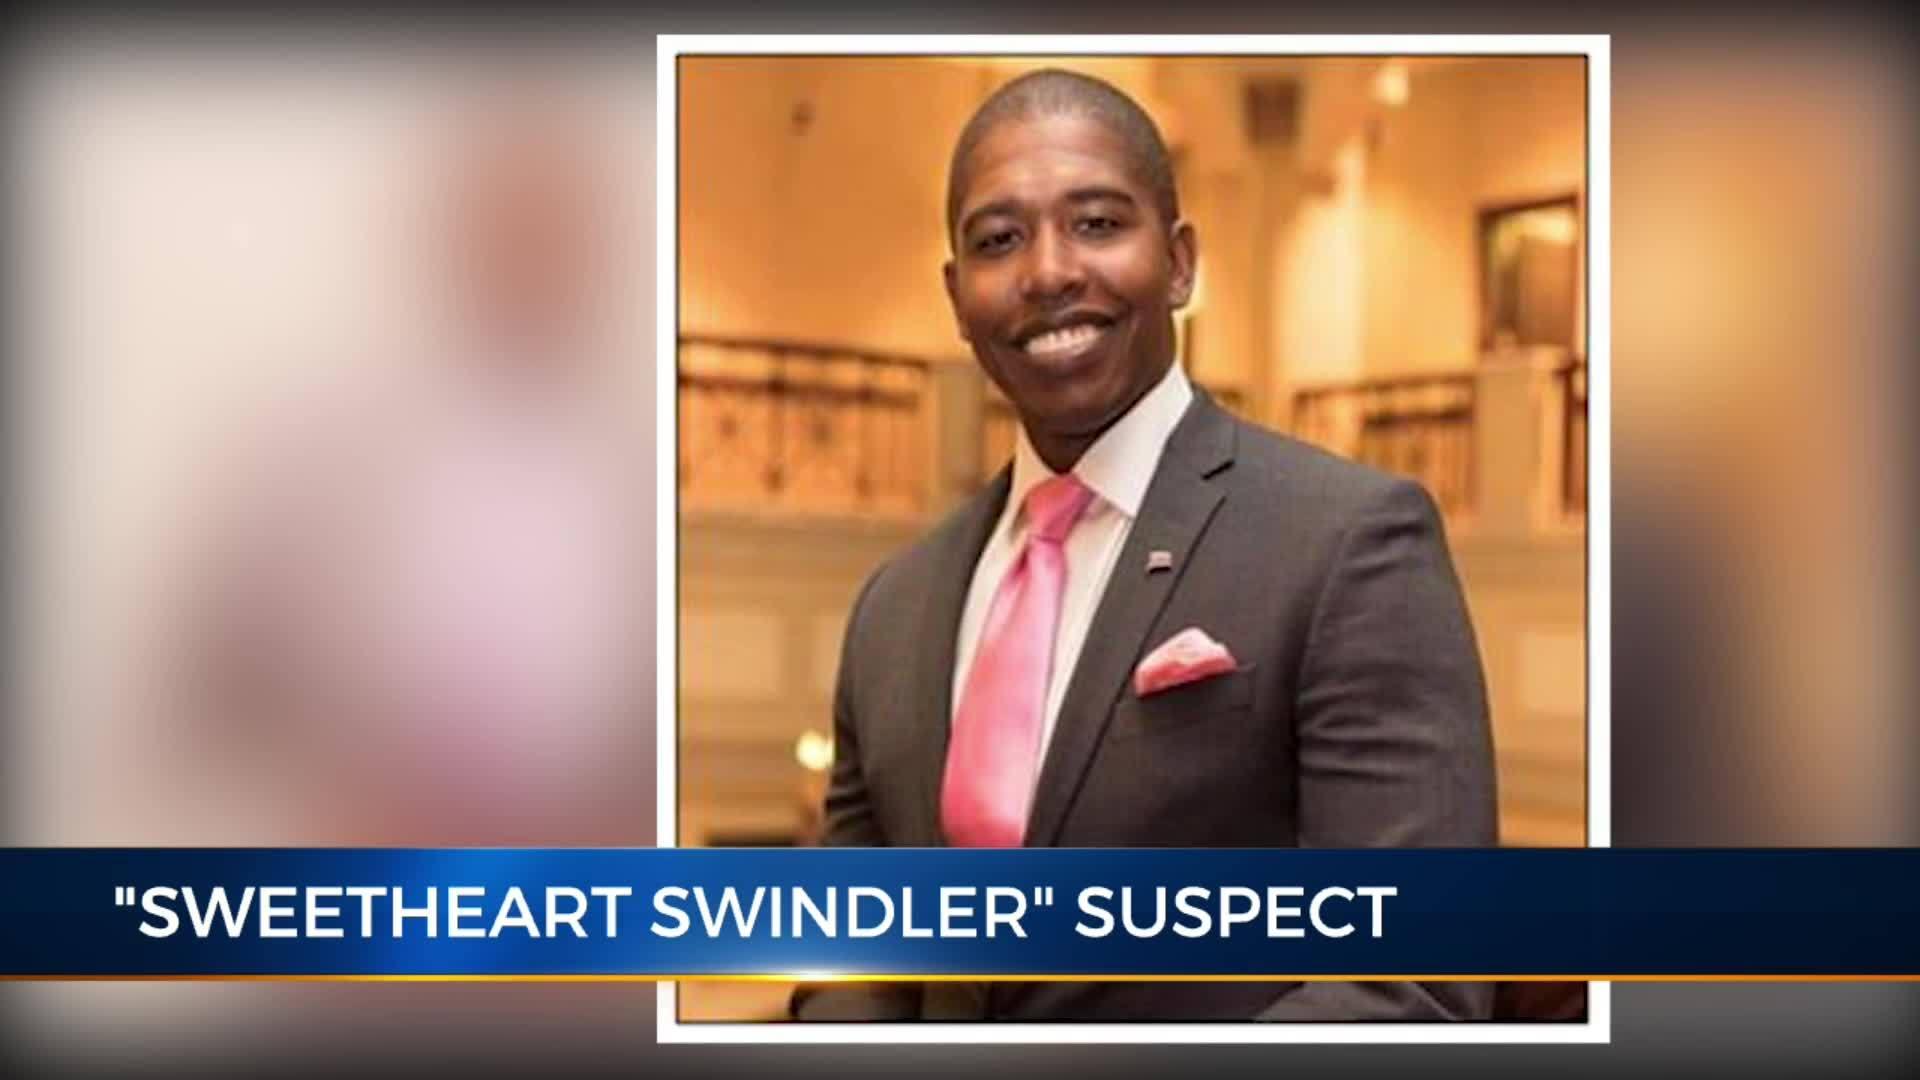 Police_say_suspected__Sweetheart_Swindle_6_20190522222824